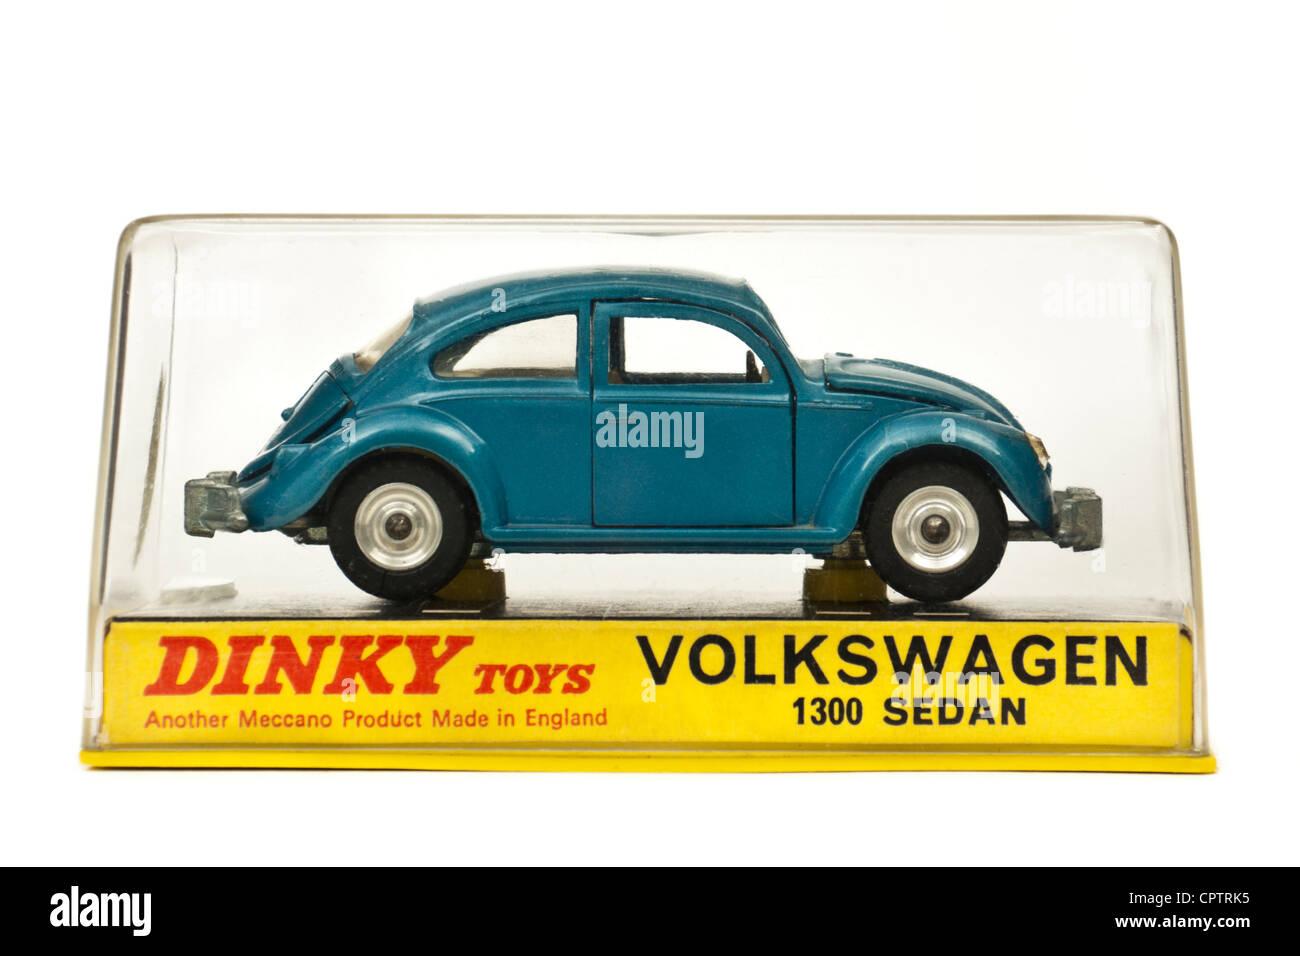 1960's vintage Dinky Toys No 129 Volkswagen Beetle 1300 Sedan diecast model  car in original packaging